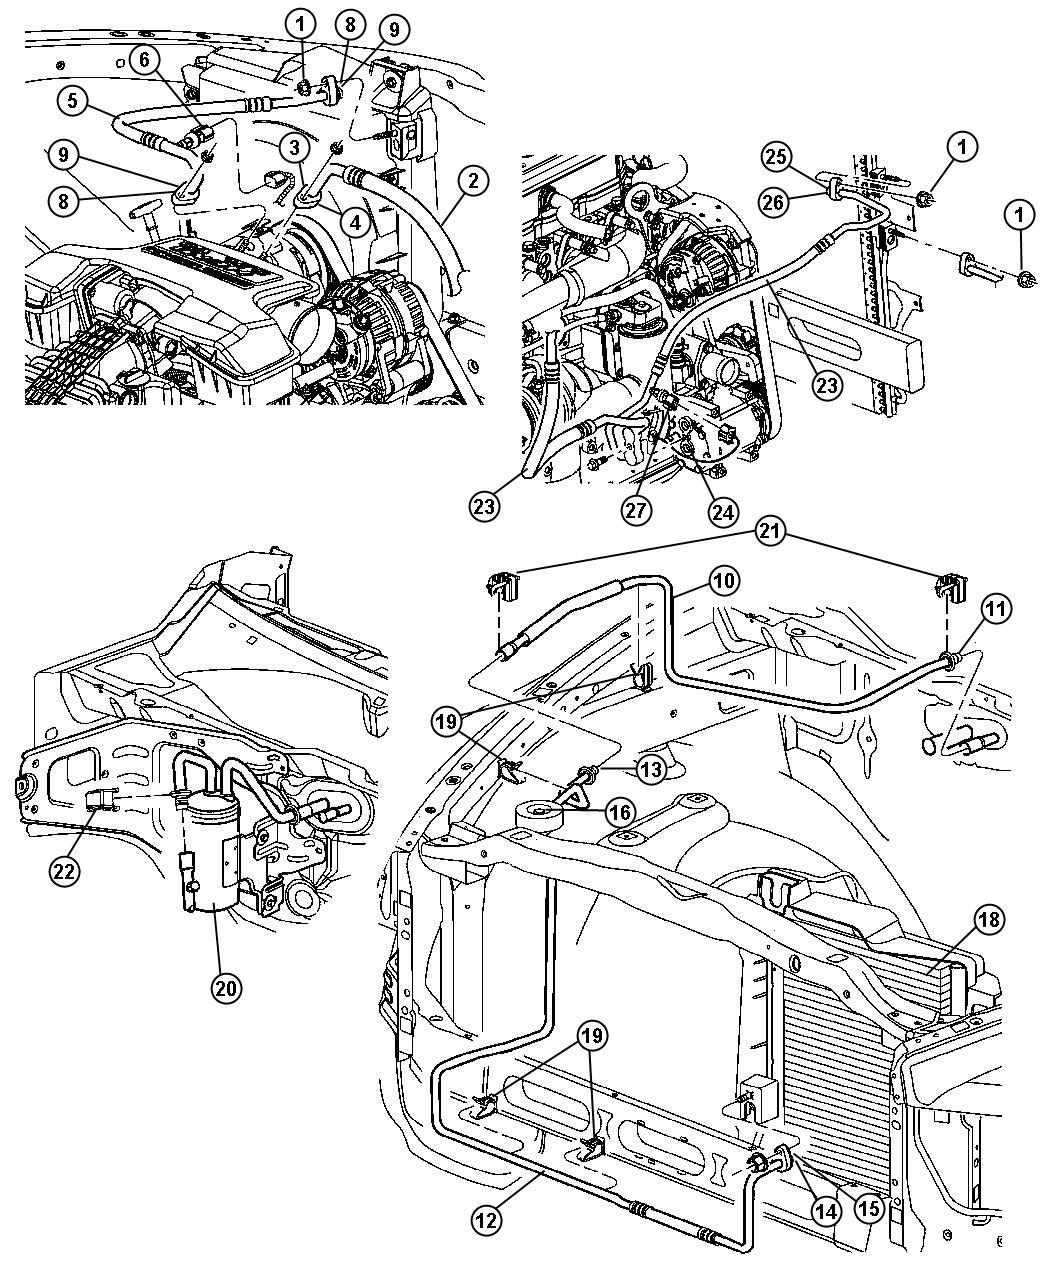 2004 Dodge Ram 1500 Accumulator. Air conditioning, used